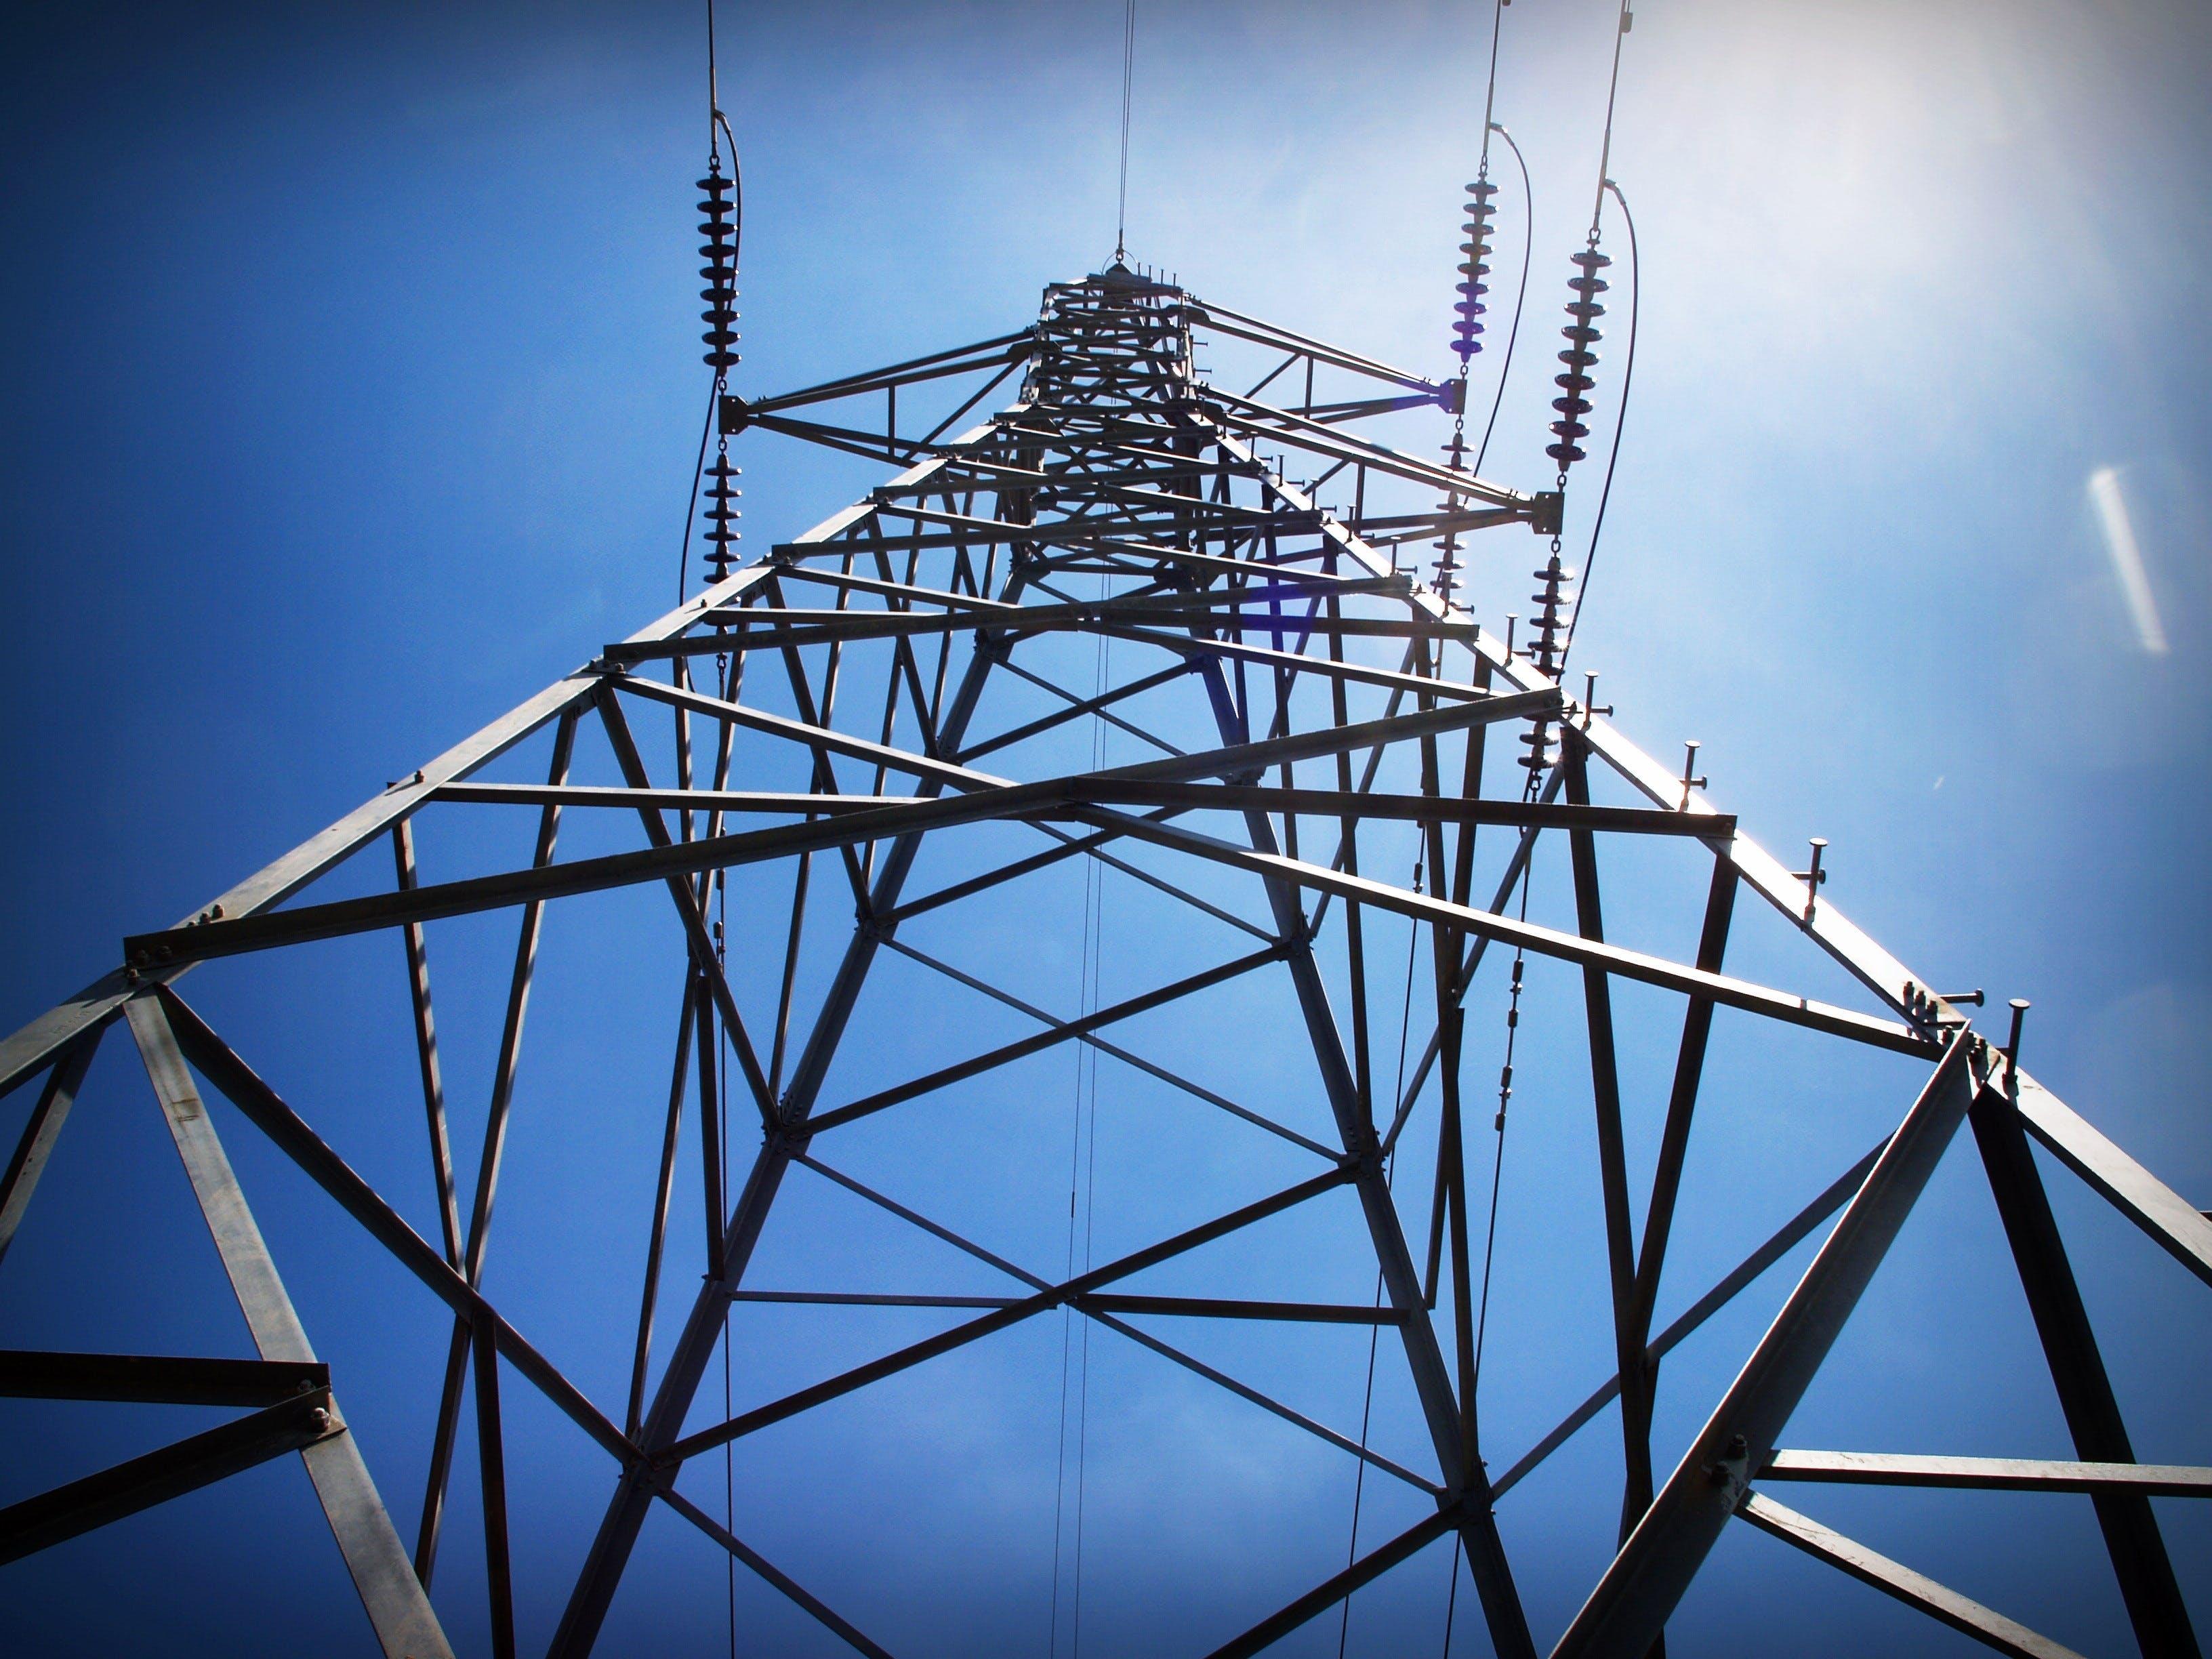 Kostenloses Stock Foto zu aufnahme von unten, elektrizität, infrastruktur, perspektive